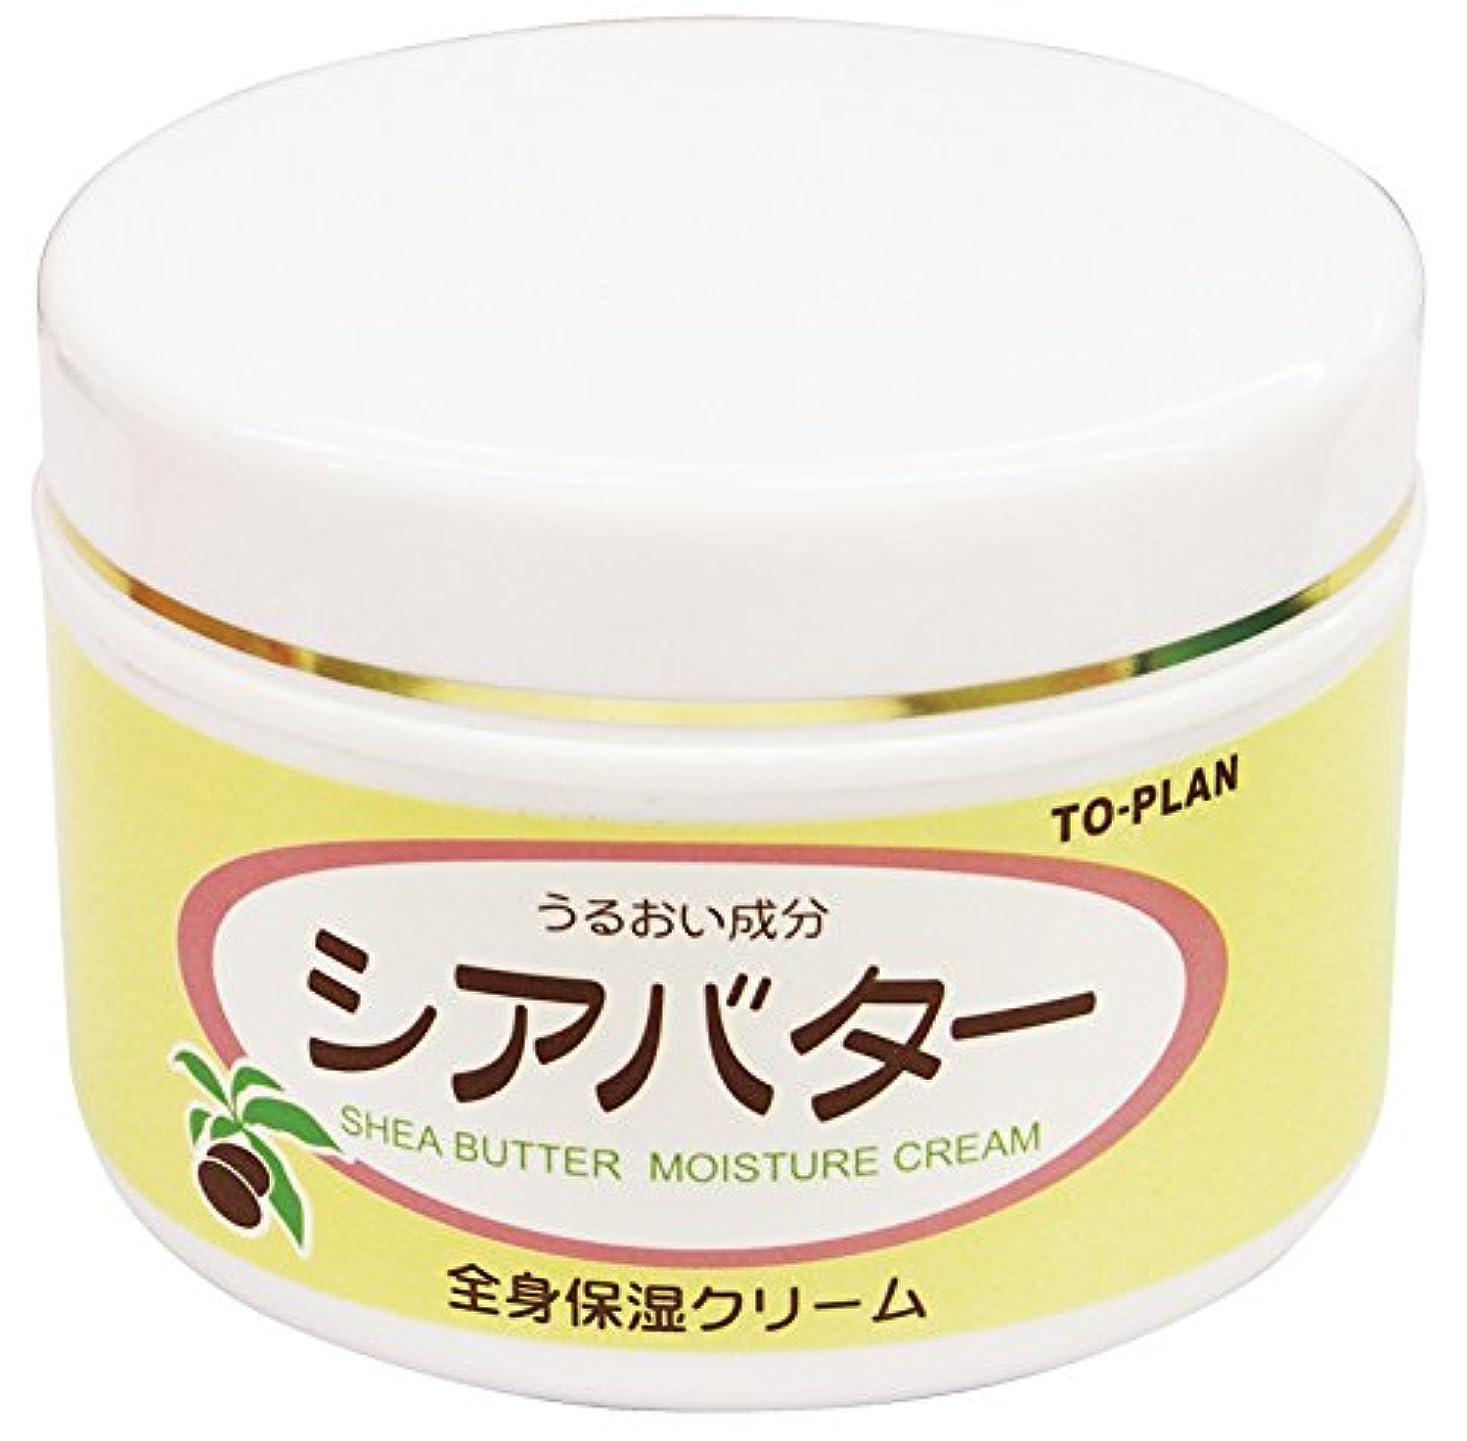 ギャラリーパイント叱るTO-PLAN(トプラン) シアバター全身保湿クリーム 170g